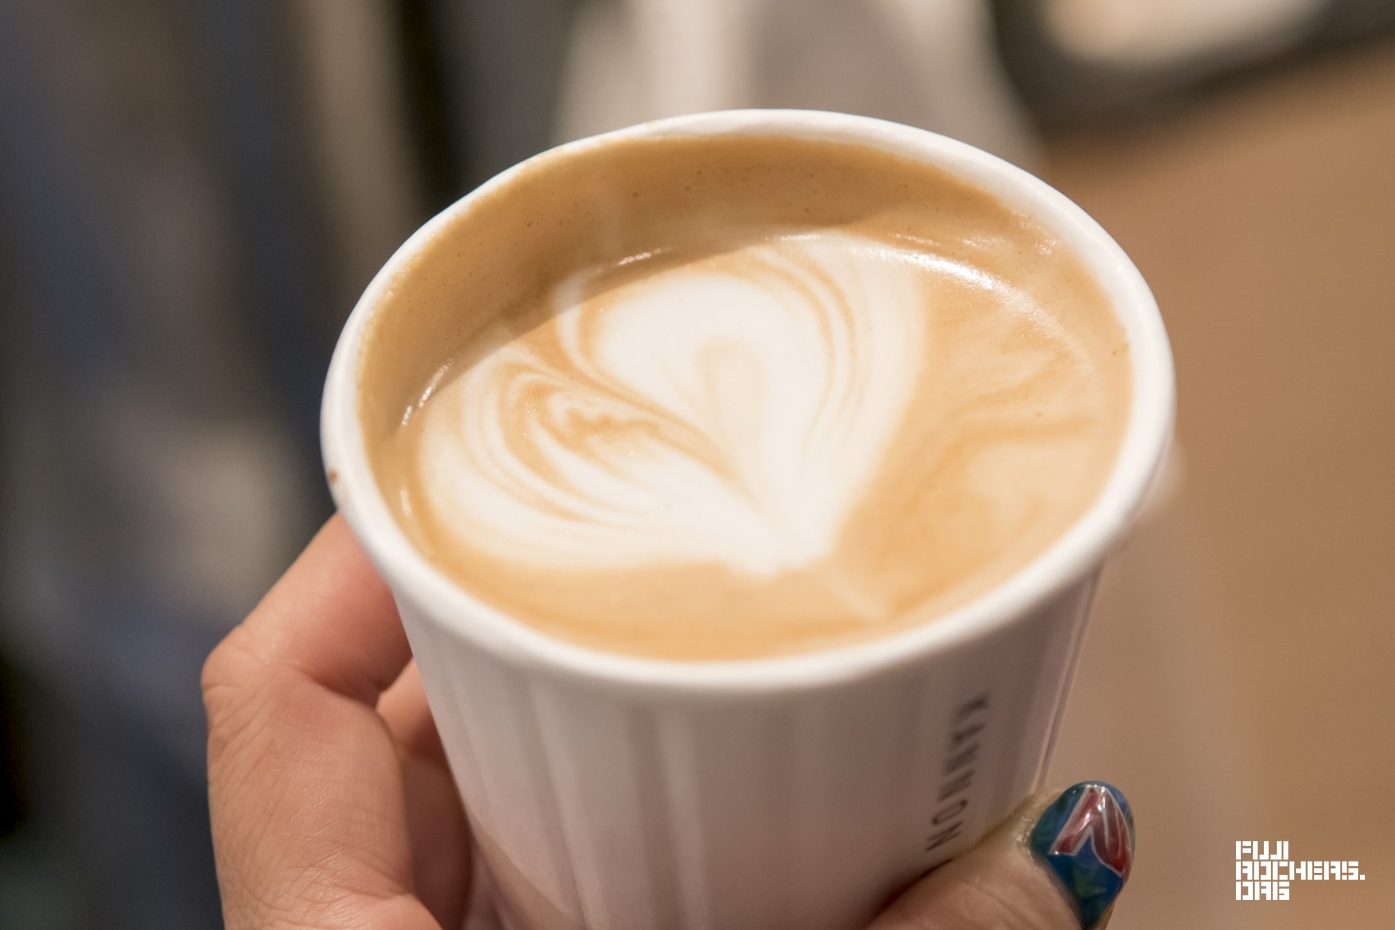 忙しくても手を抜かない、ハートがポイントのカフェラテ